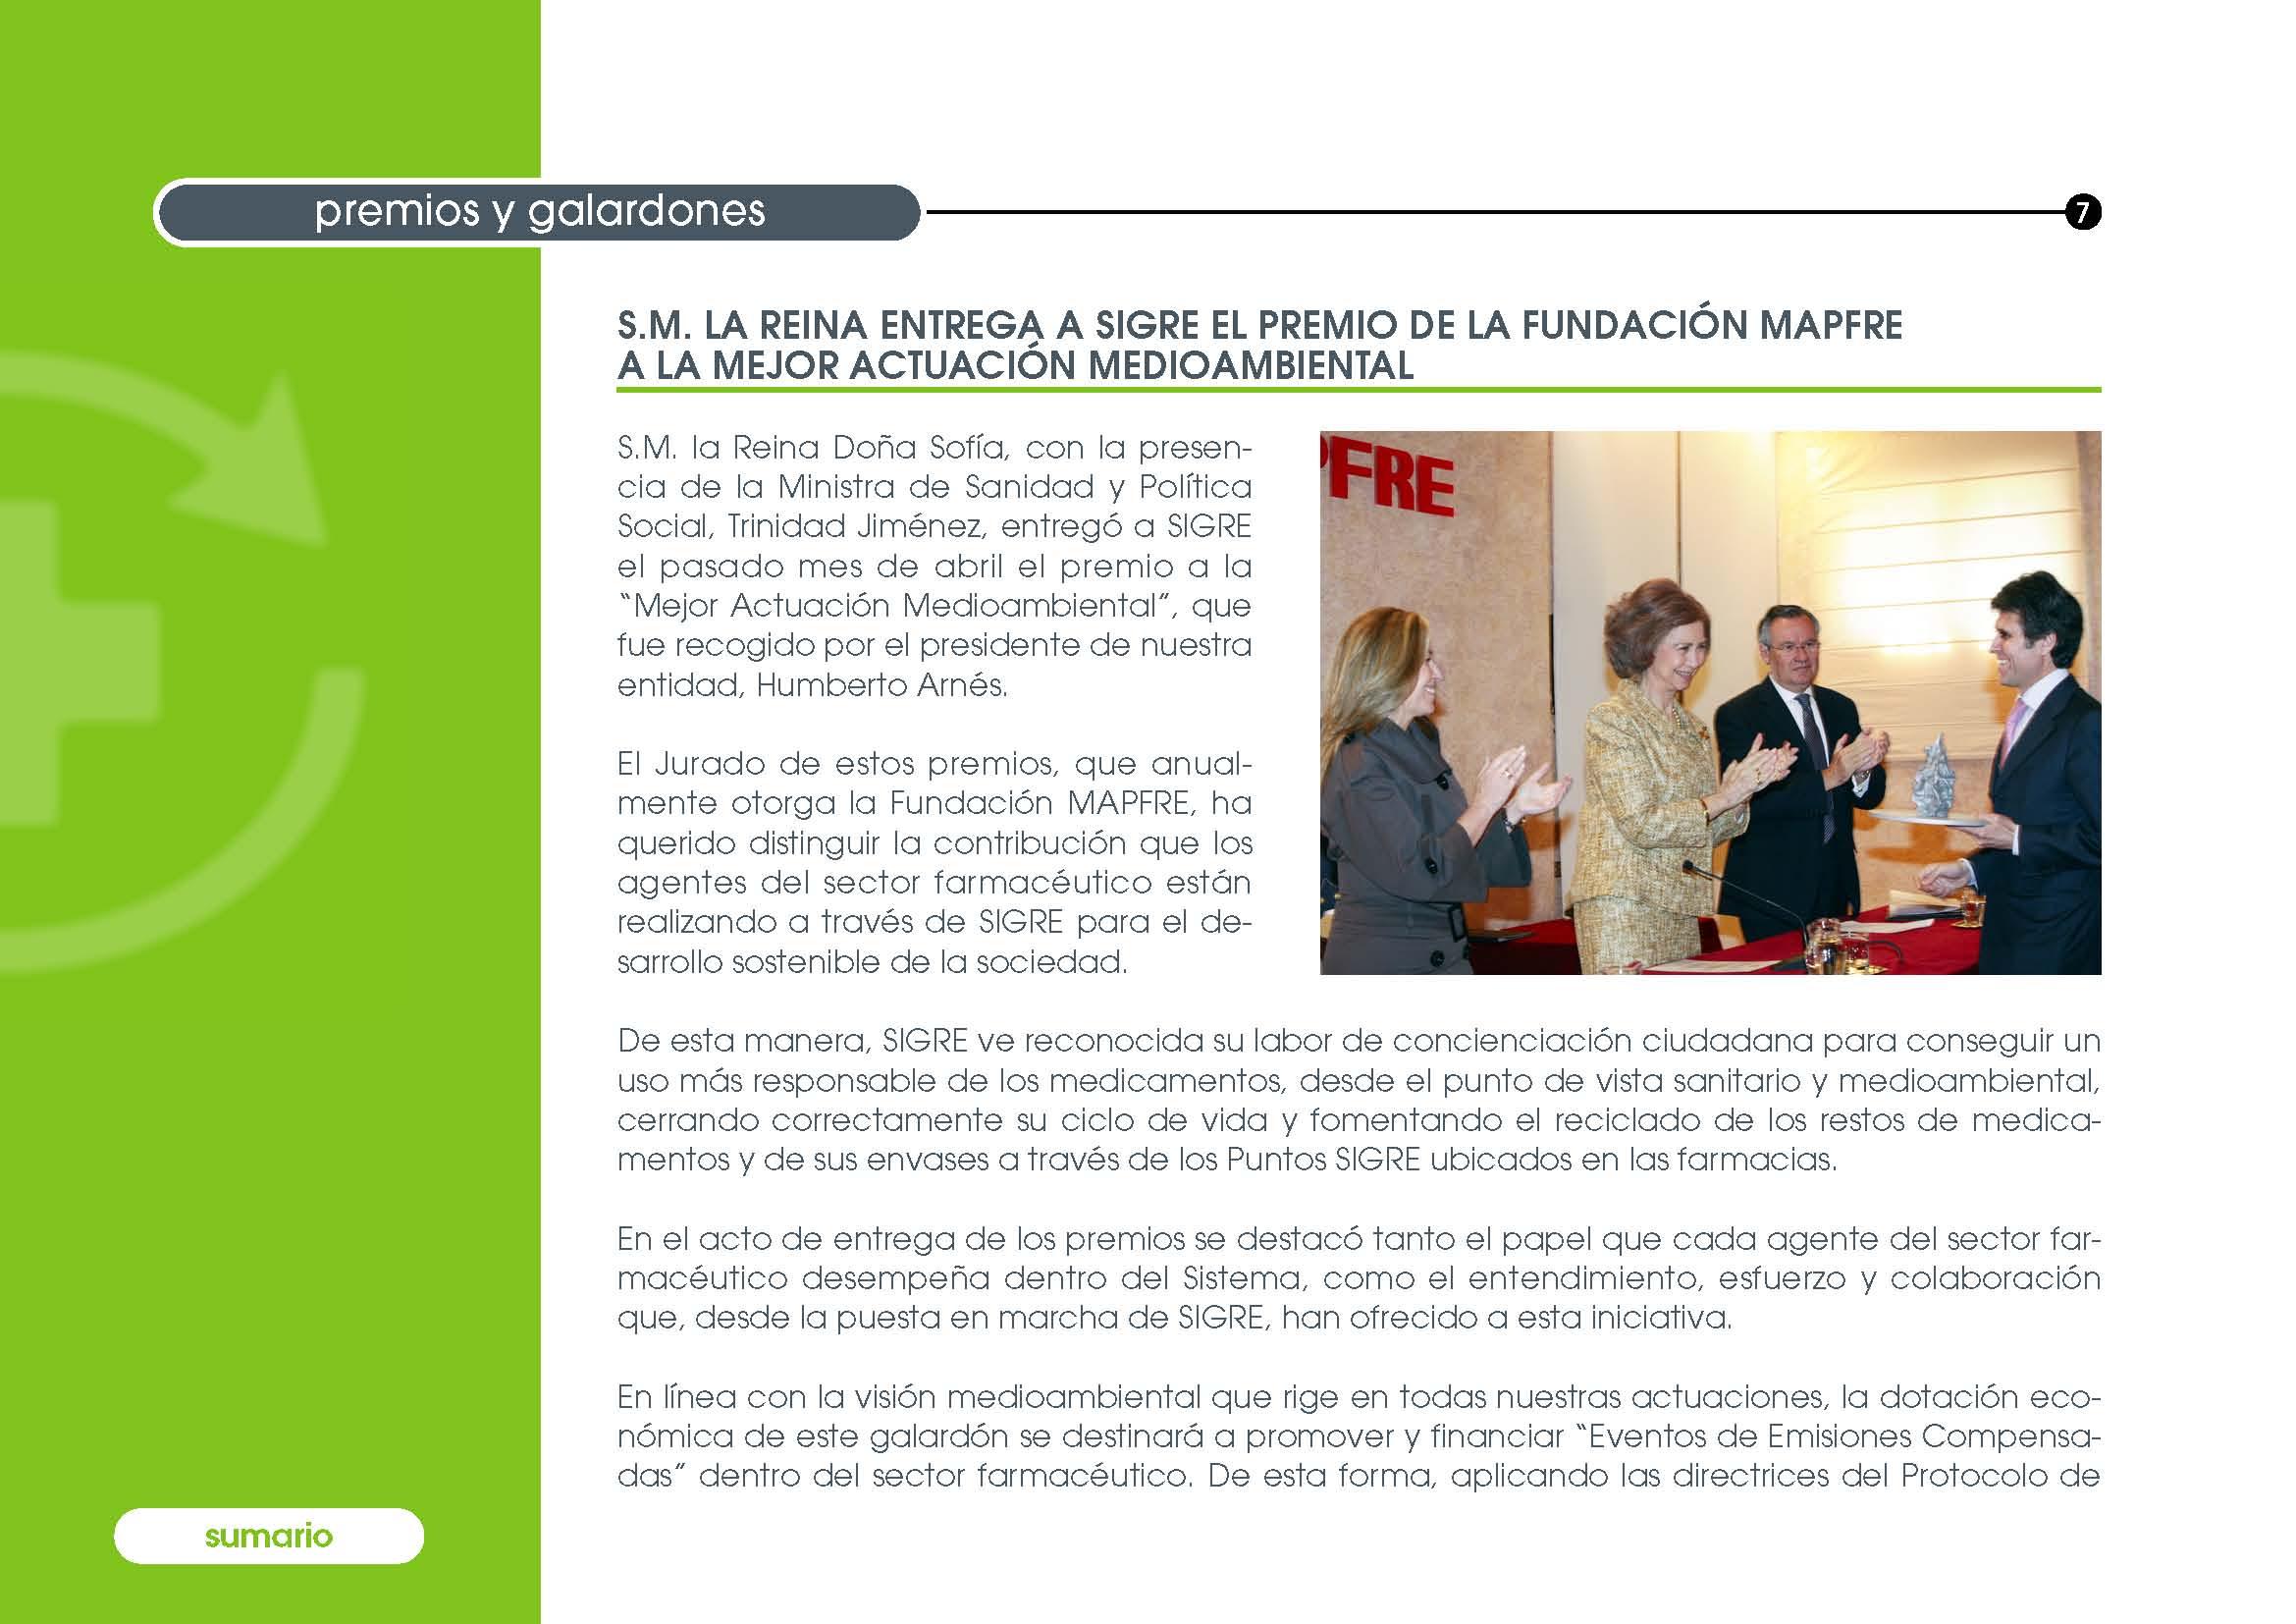 S.M. la Reina Doña Sofía hace entrega del Premio MAPFRE al Presidente de SIGRE, Humberto Arnés